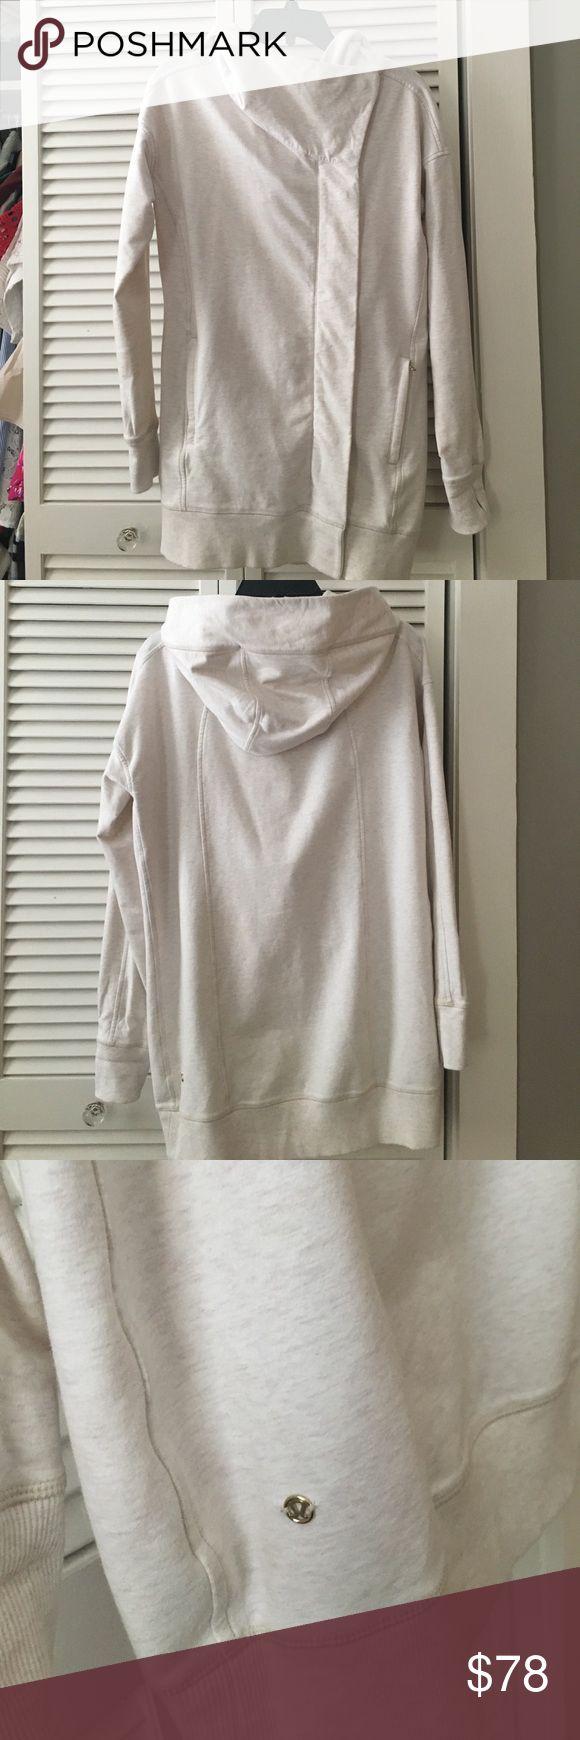 Lululemon hooded tunic jacket Lululemon hooded tunic zip up jacket. Size 6. Heather beige. lululemon athletica Tops Sweatshirts & Hoodies